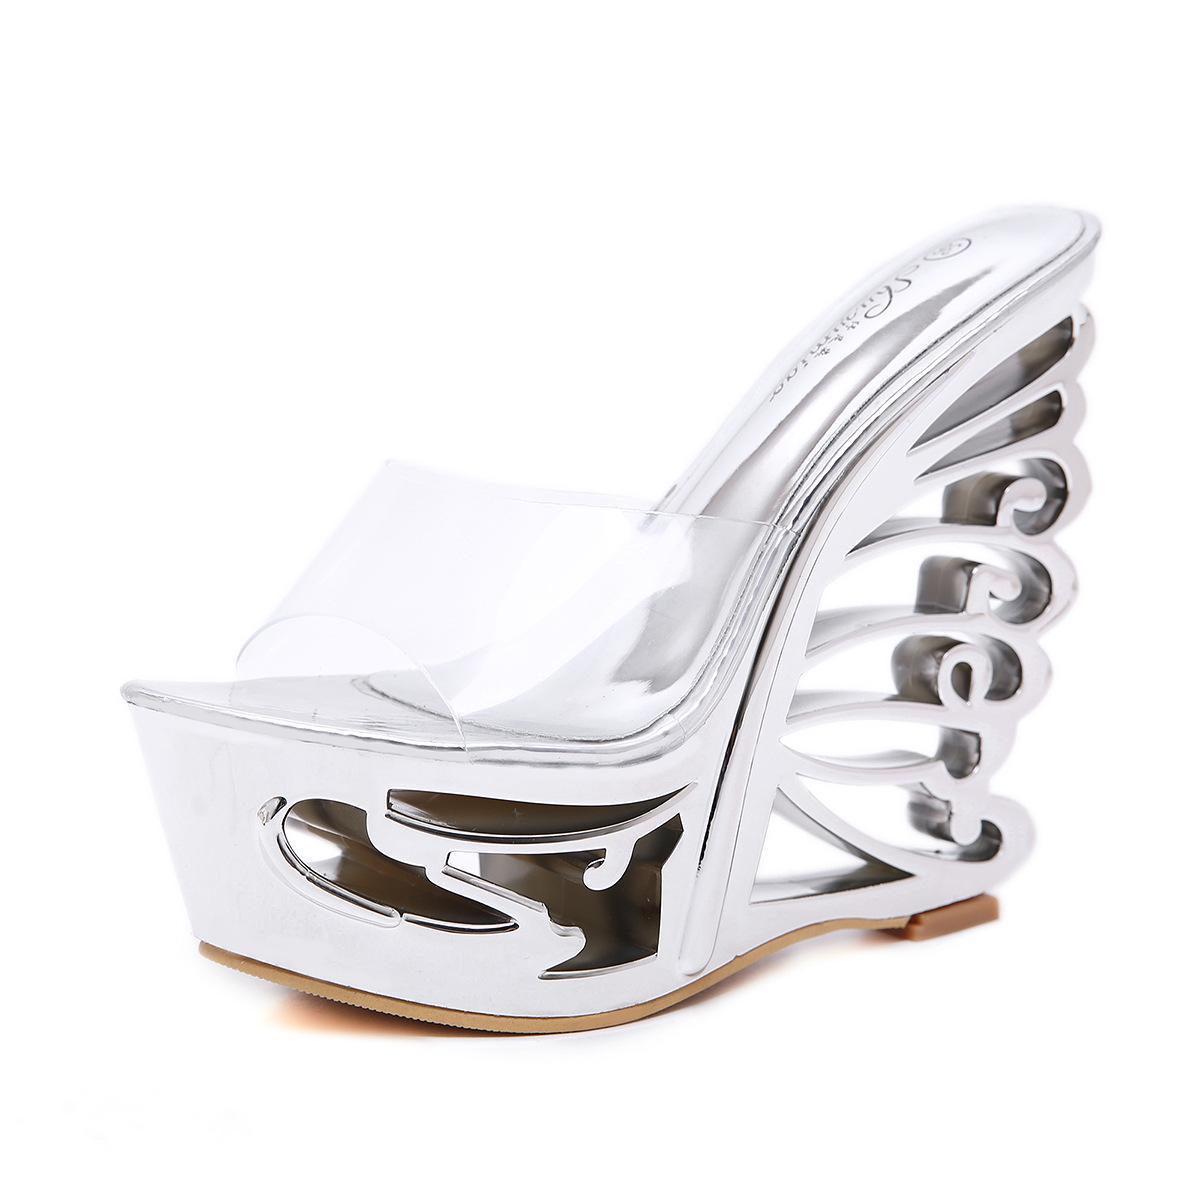 Compre Sandalias De Las Mujeres Tacones Altos Zapatos De Verano Peep Toe  Slip On Sexy Vestido De Mujer Zapatillas Oro Plata Cuña Sandalias De  Plataforma A ... 10eb8a601d70